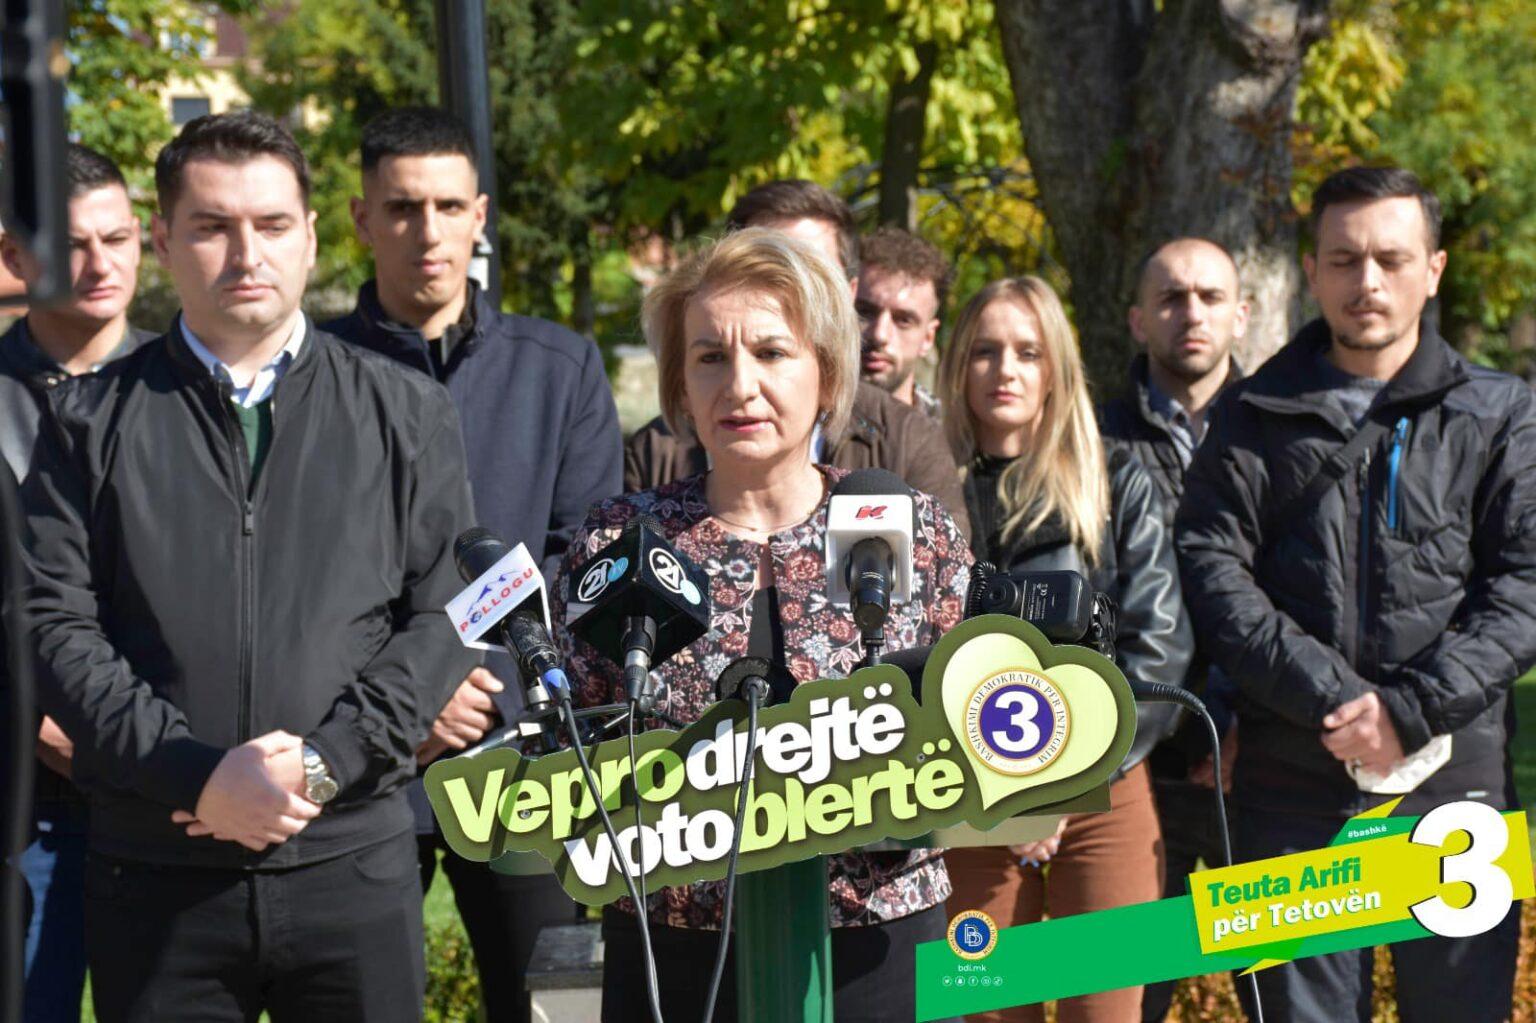 Arifi: Kërkoj nga mbështetësit e LSDM -së dhe VMRO -së të votojnë për një Tetovë të bashkuar/Vizioni ynë për Tetovën është europian